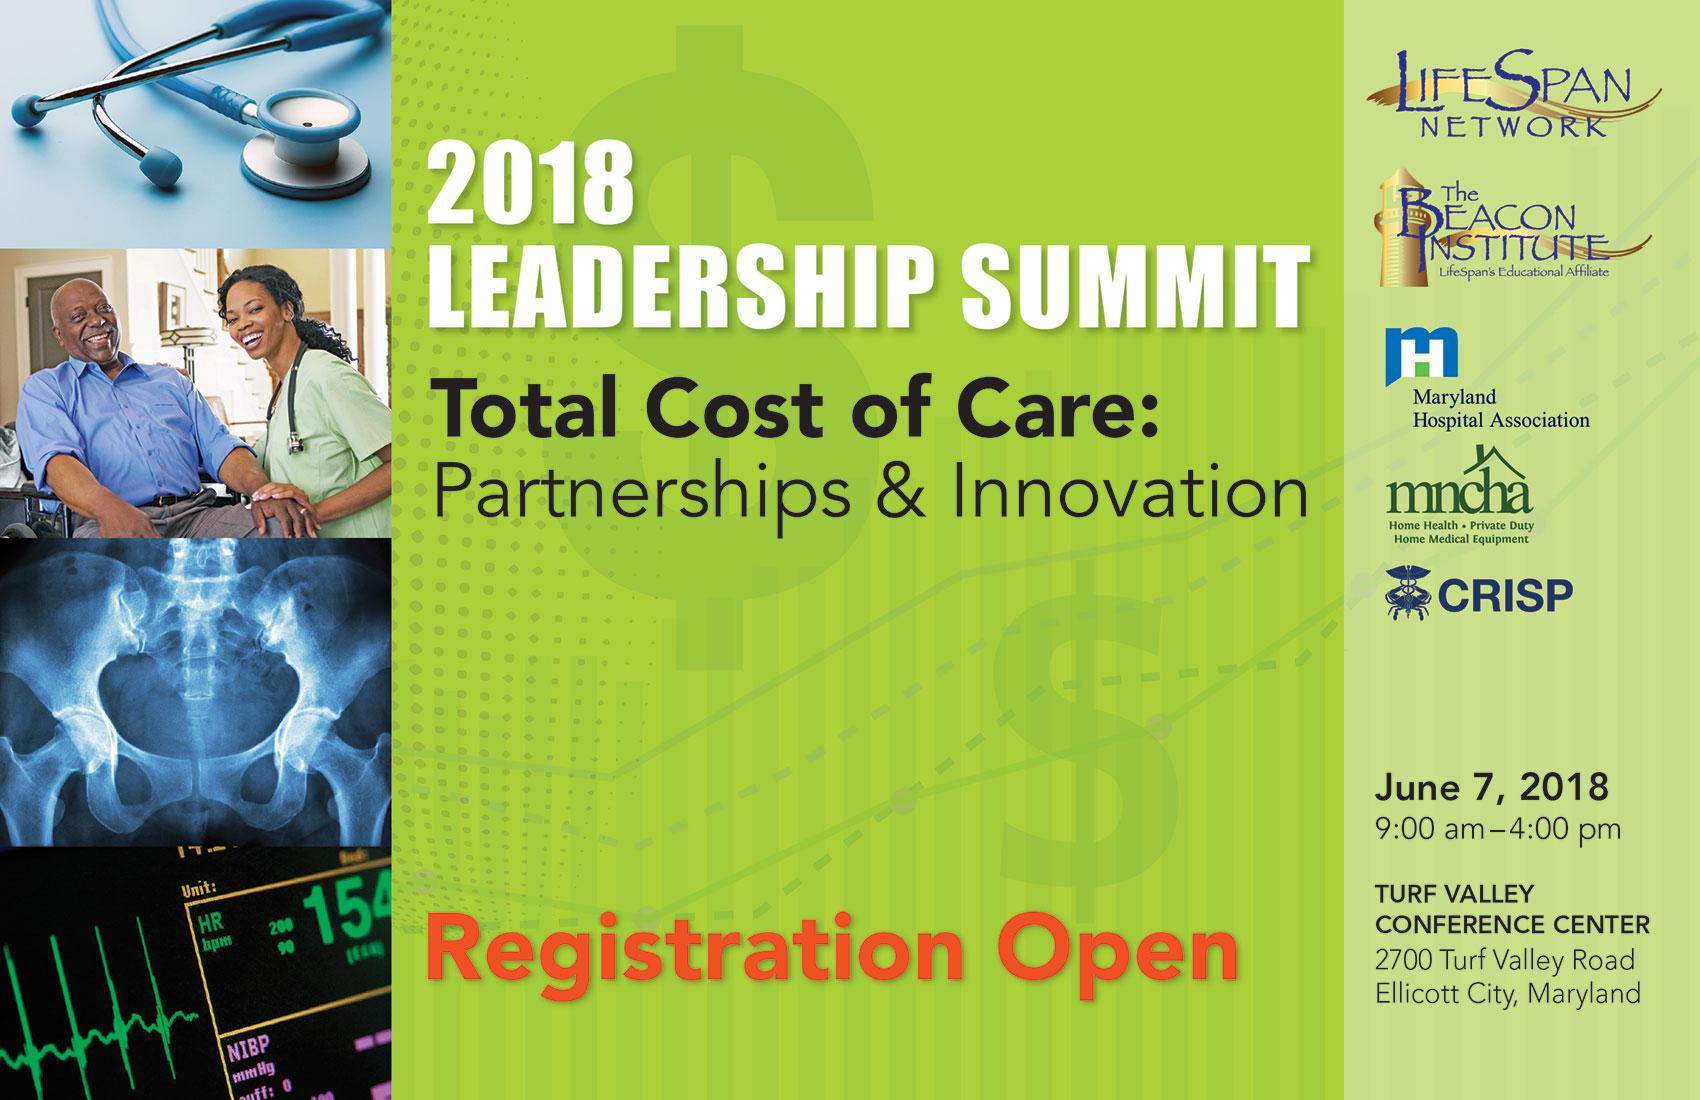 LeadershipSummitPostcard2018-1